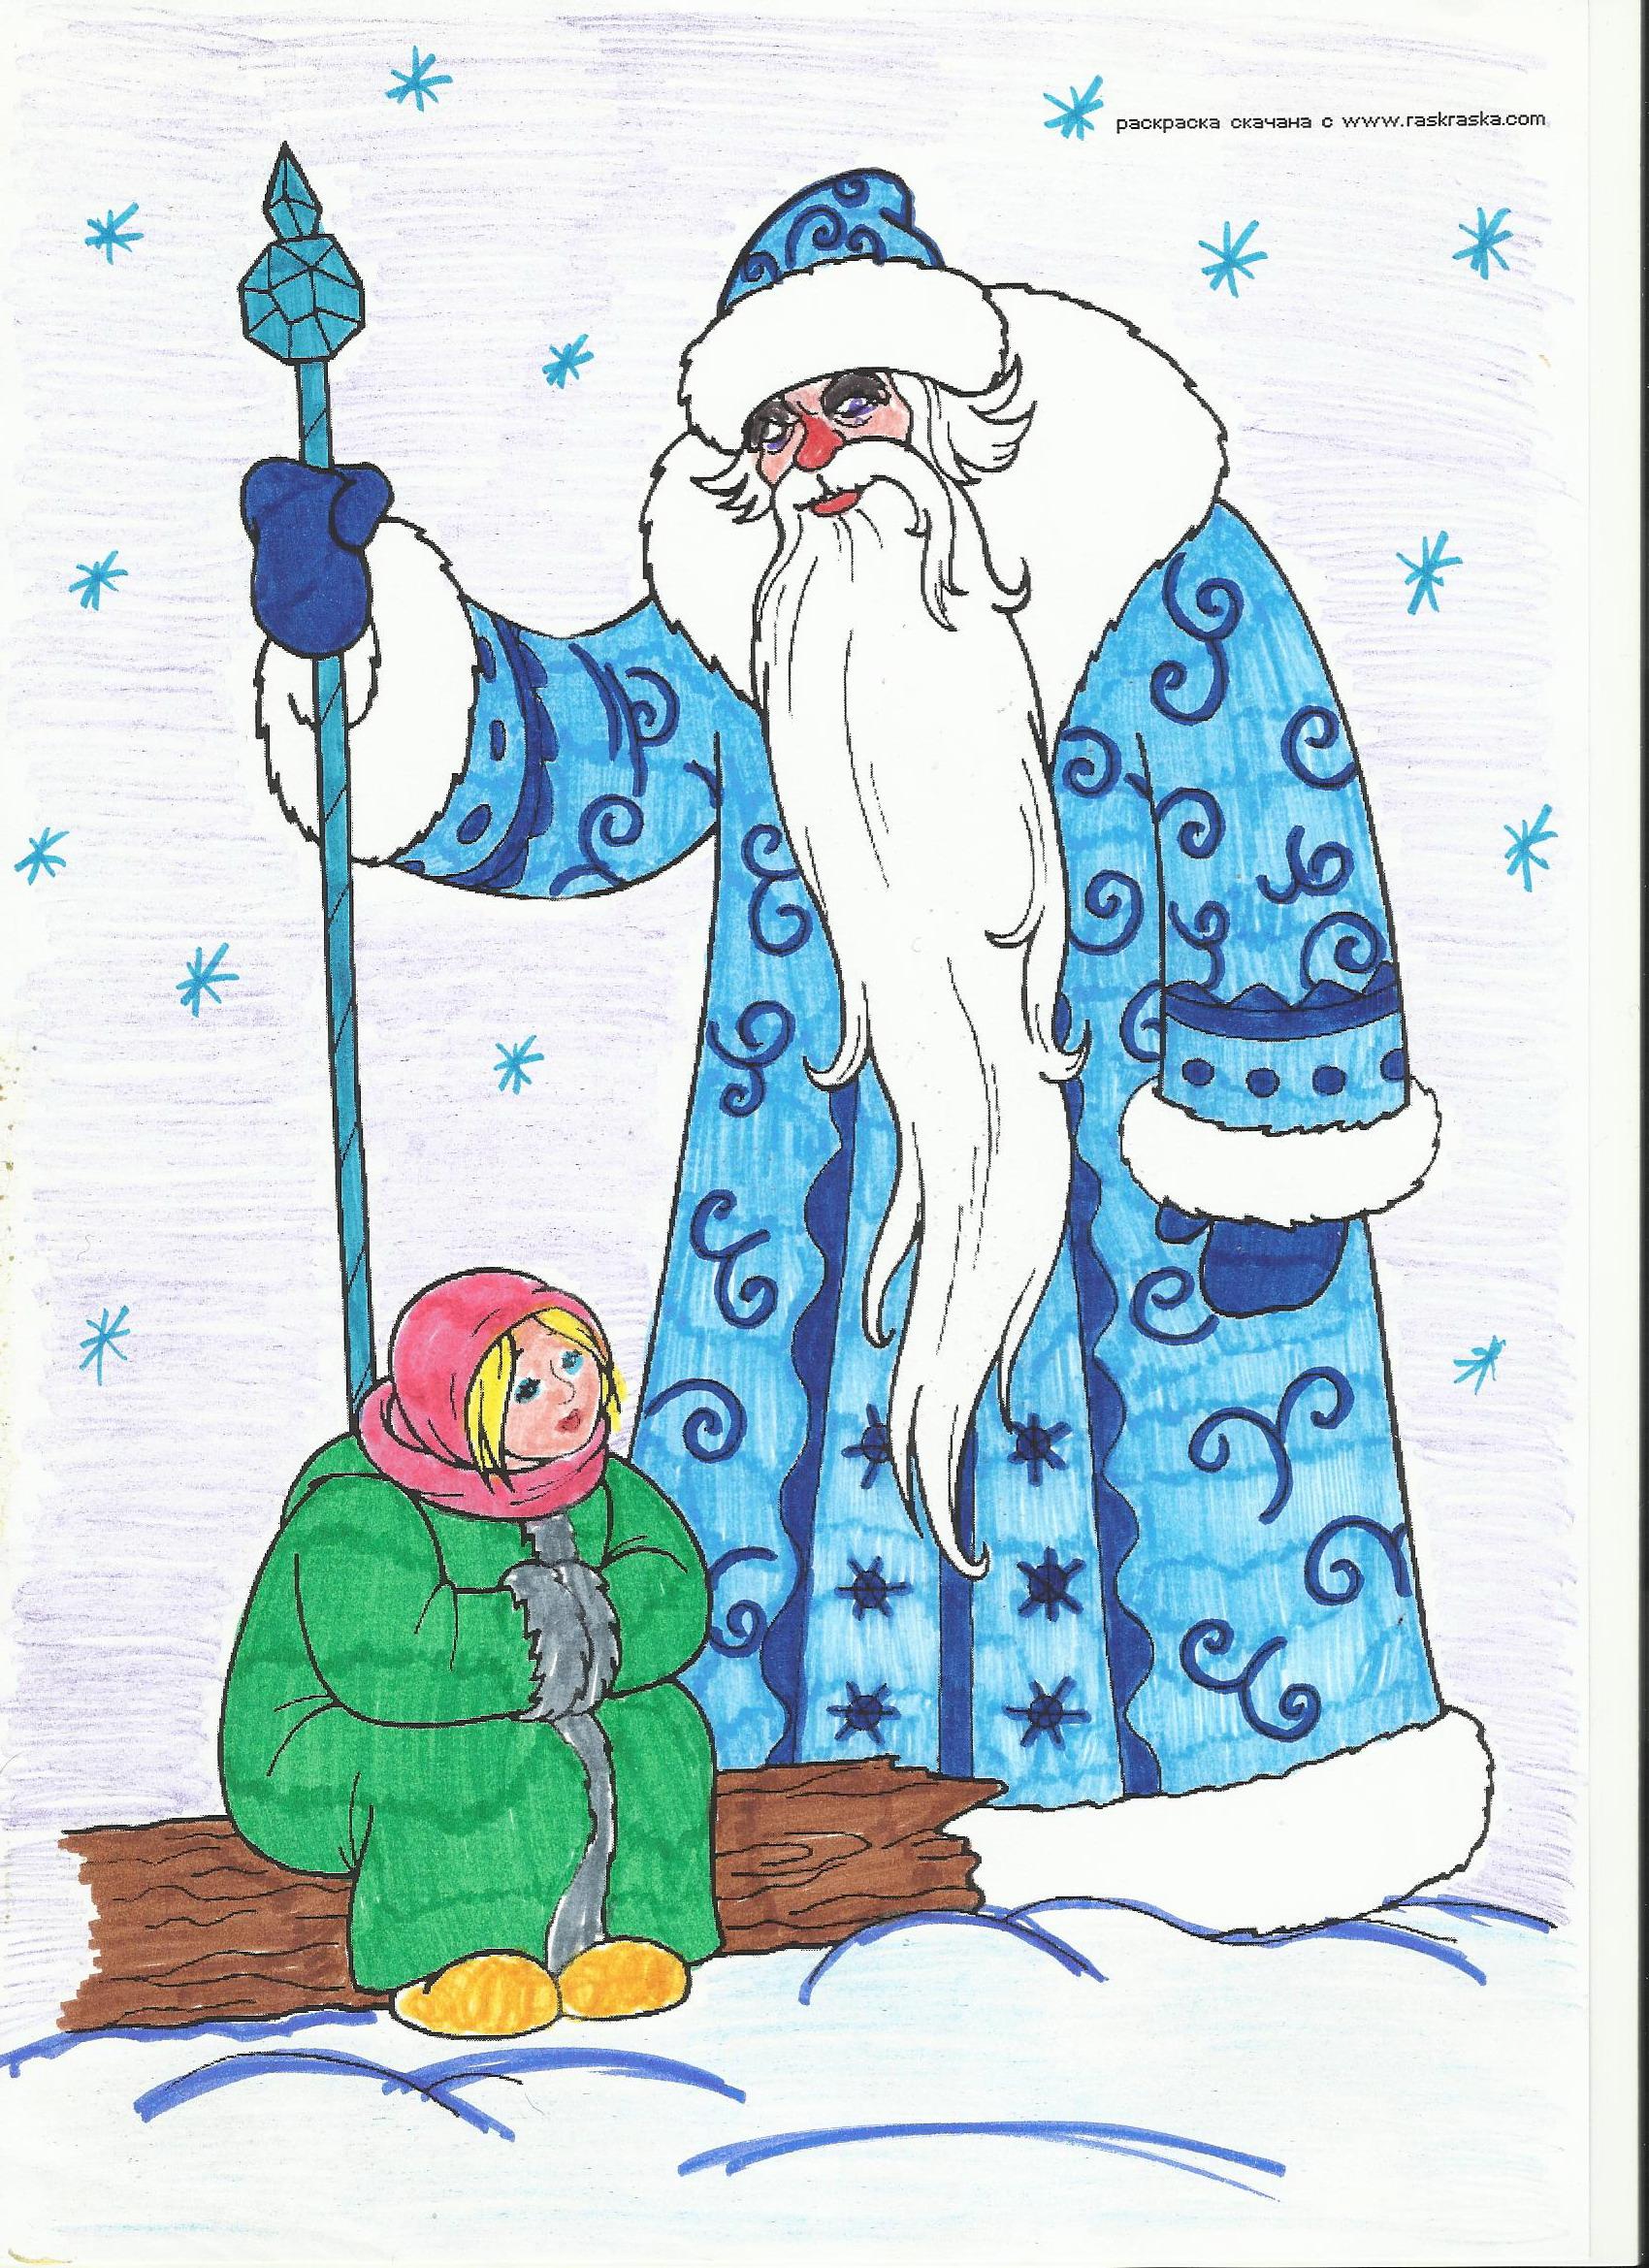 сегодня рисунок морозко из сказки особый приём дизайна